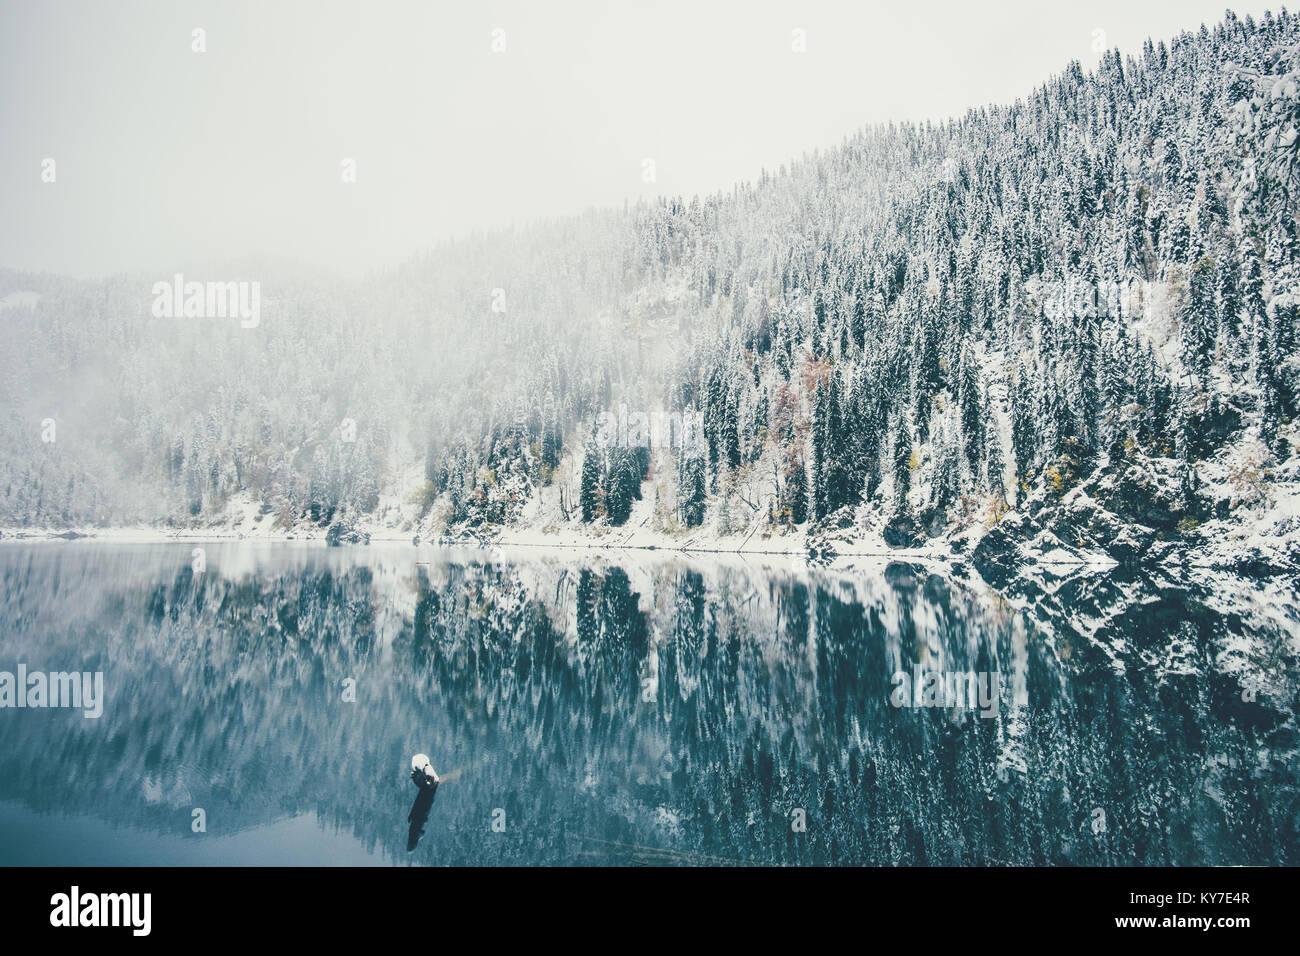 Lac d'hiver et de neige paysage de forêts de conifères brumeux voyage serein vue panoramique Photo Stock